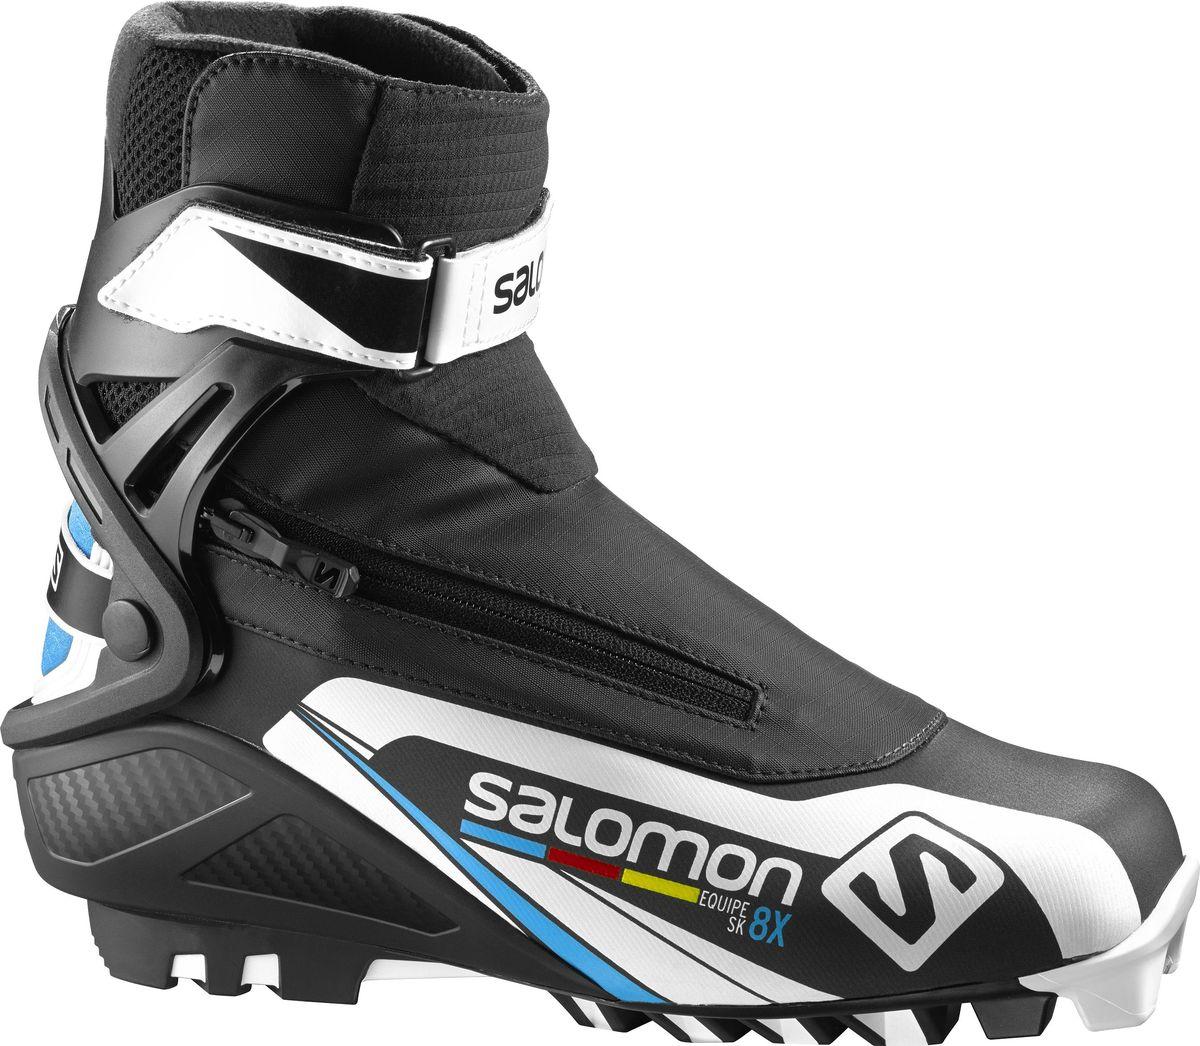 Ботинки для беговых лыж Salomon Equipe 8X Skate, цвет: черный. Размер 10 (43)L39187800В ботинках Equipe 8X Skate совмещены системы термоформовки Custom fit с инновационной раздельной системой быстрого шнурования для великолепного комфорта. Манжета Energyzer cuff обеспечит мощную и прогрессивную боковую поддержку. Для любителей лыжного спорта, ценящих рабочие характеристики и желающих приобрести ботинки по доступной цене.